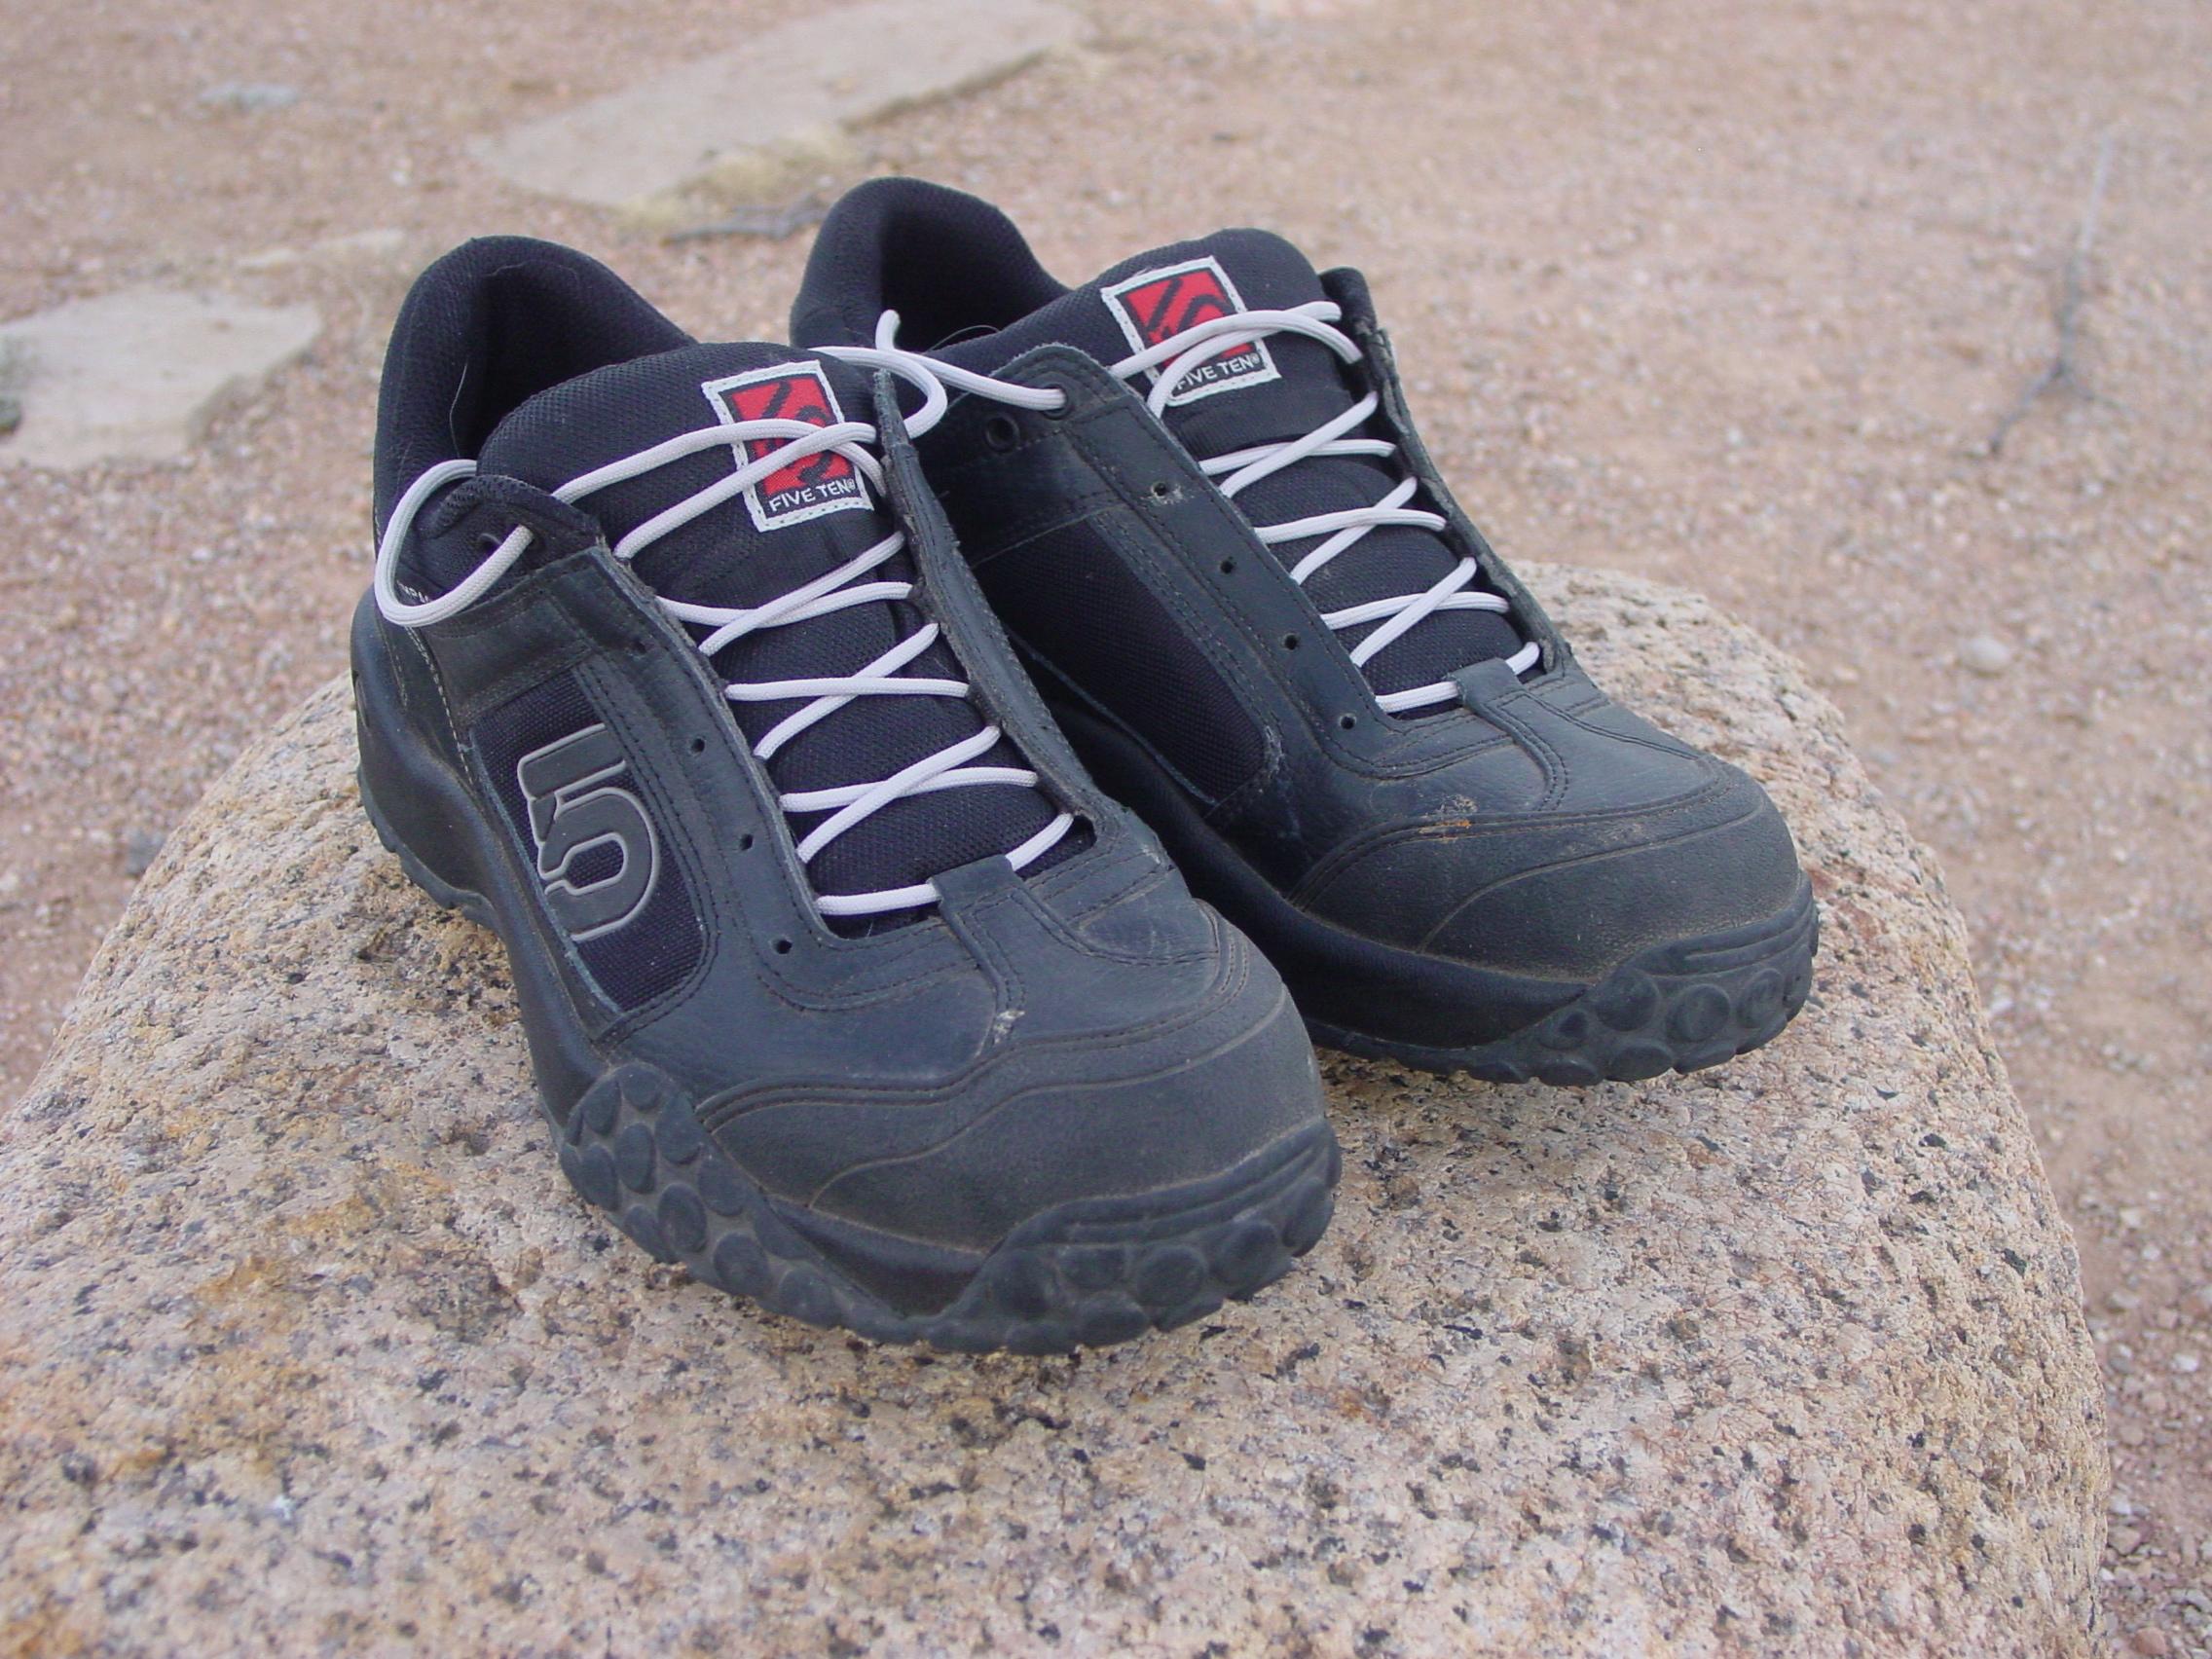 Mountain Bike Shoes Flats